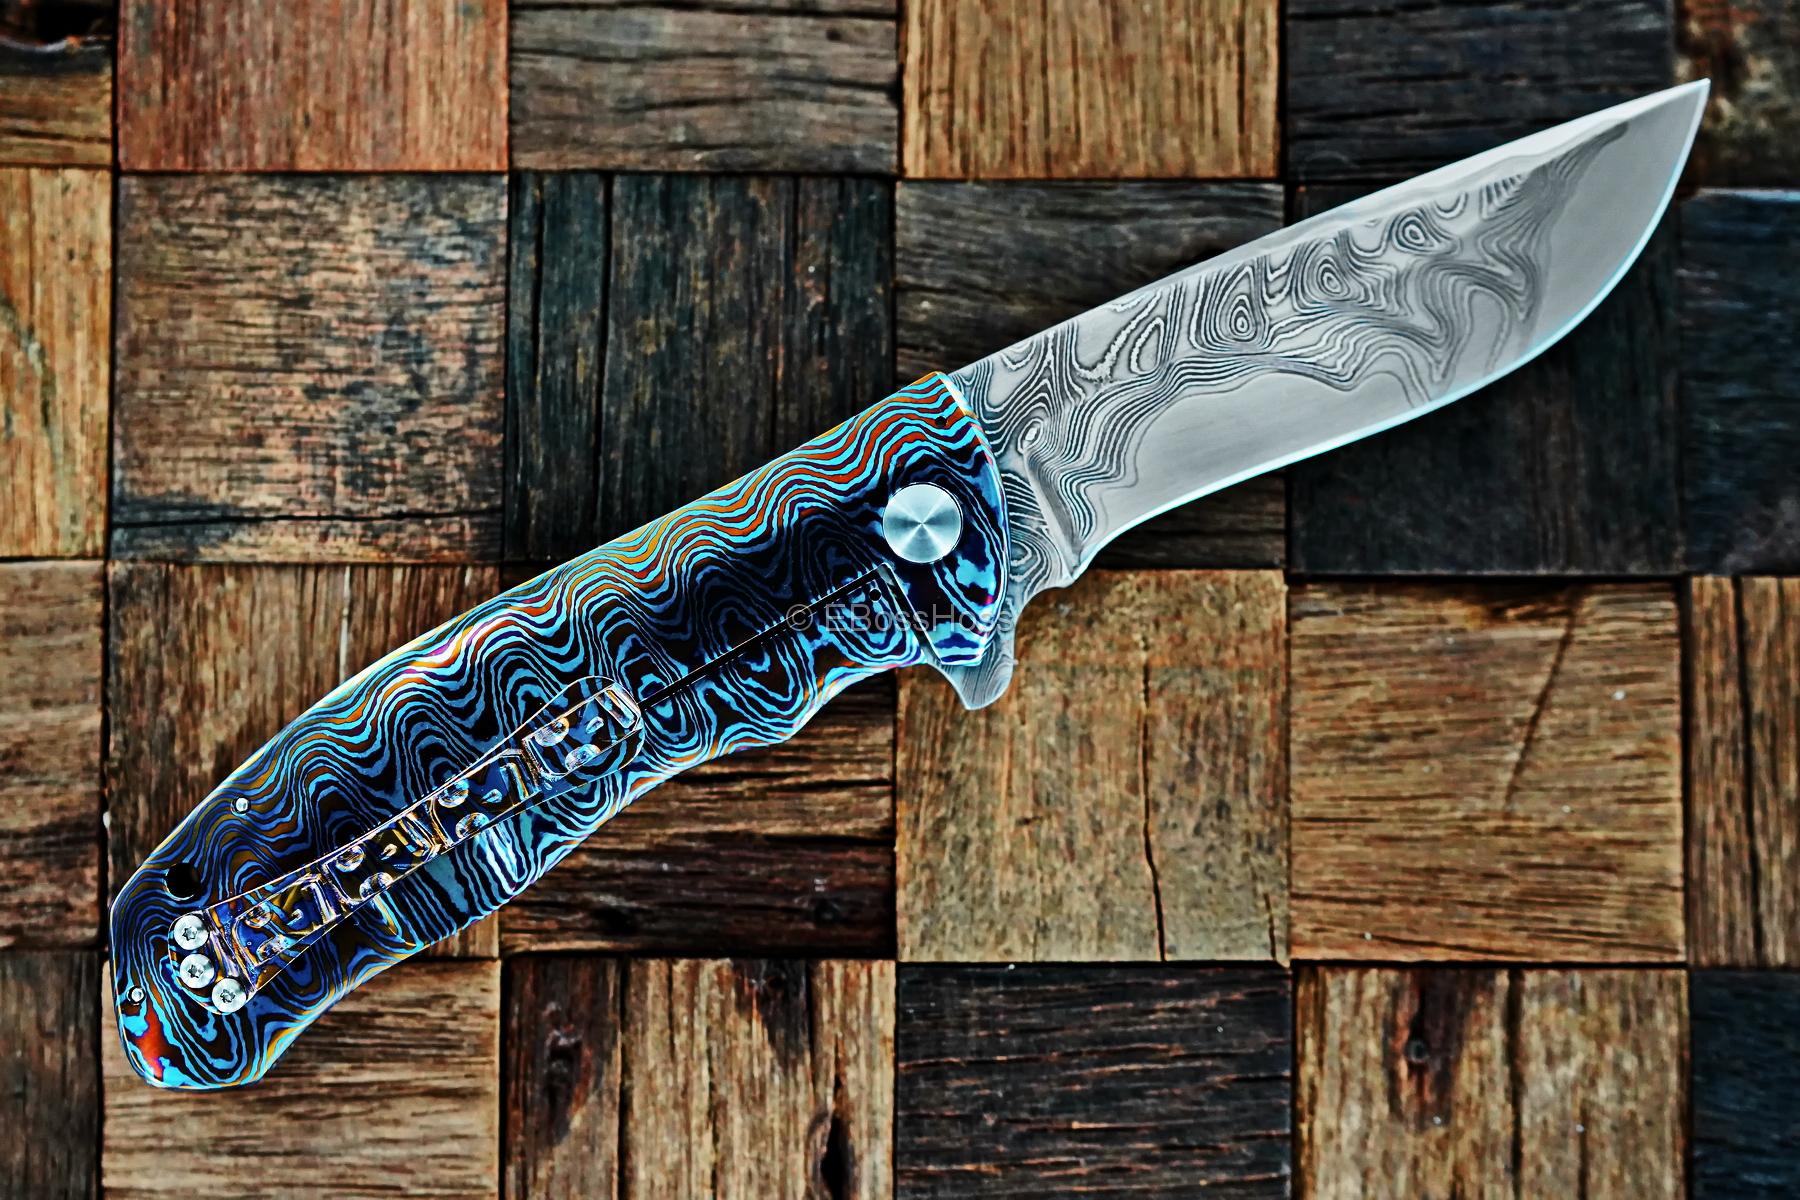 D.B. Fraley Custom Deluxe Torrent 4 Flipper